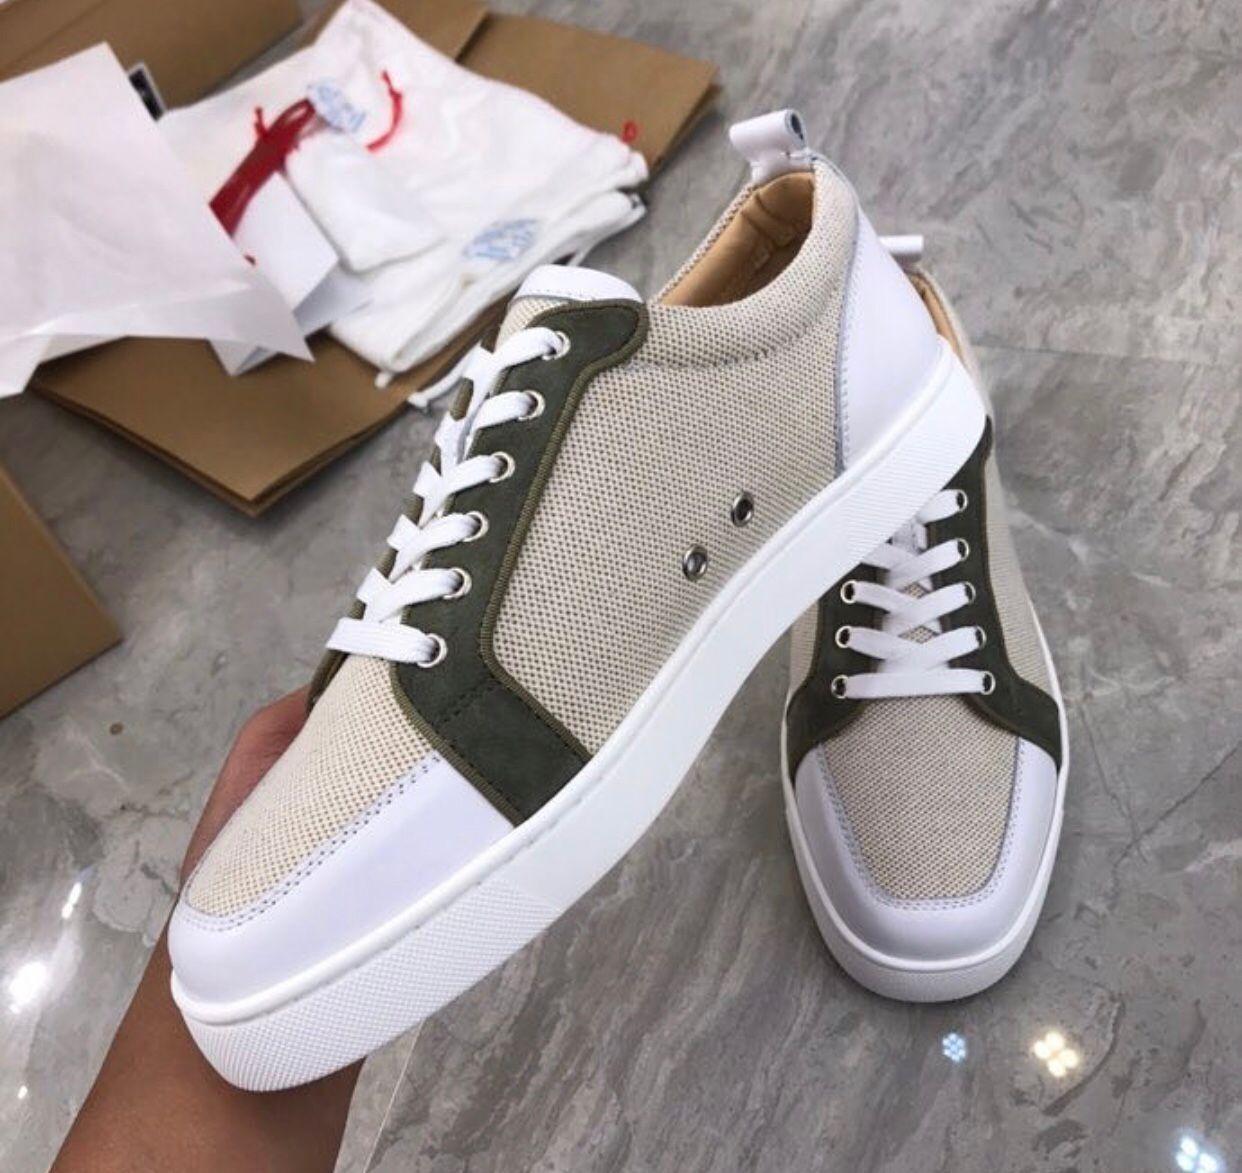 Qualité Meilleur Bas Rantulow Chaussures de sport populaire Couple de mode des hommes Skateboard Marques Walking Chaussures De Sport EU35-47